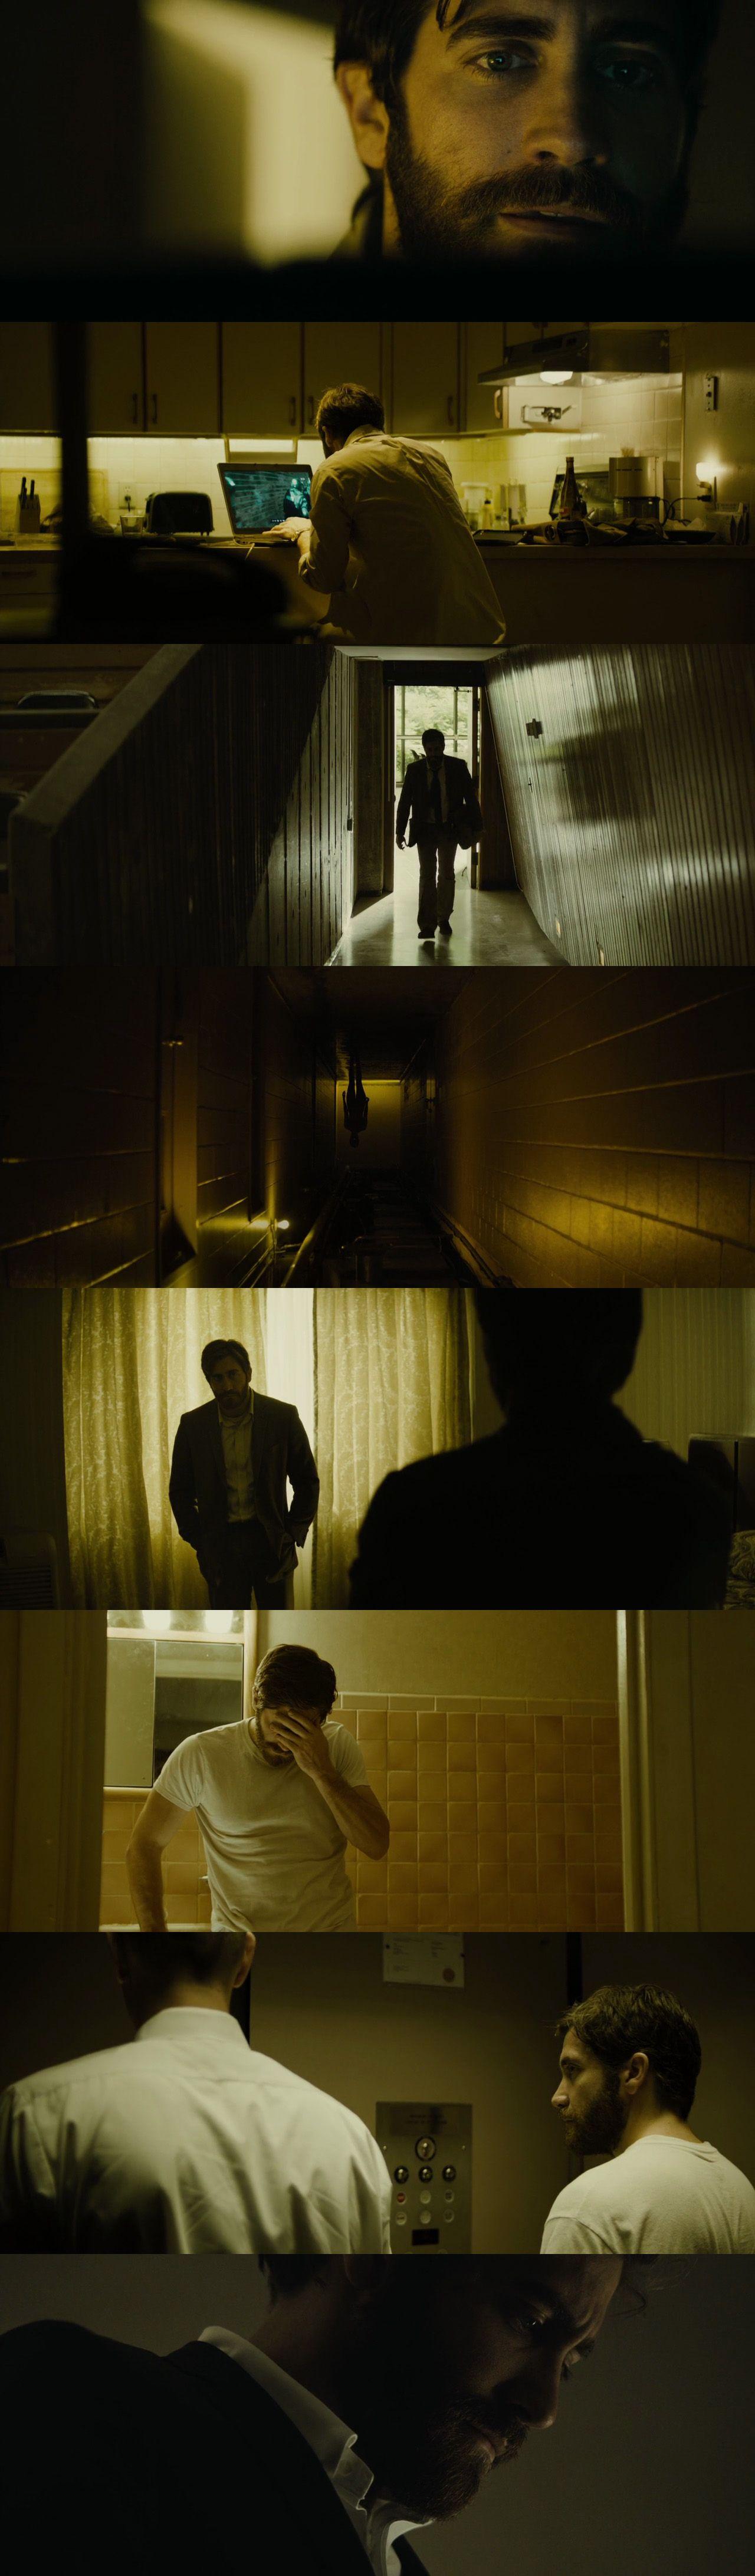 Enemy (2013) Director: Denis Villeneuve Director of Cinematography: Nicolas Bolduc